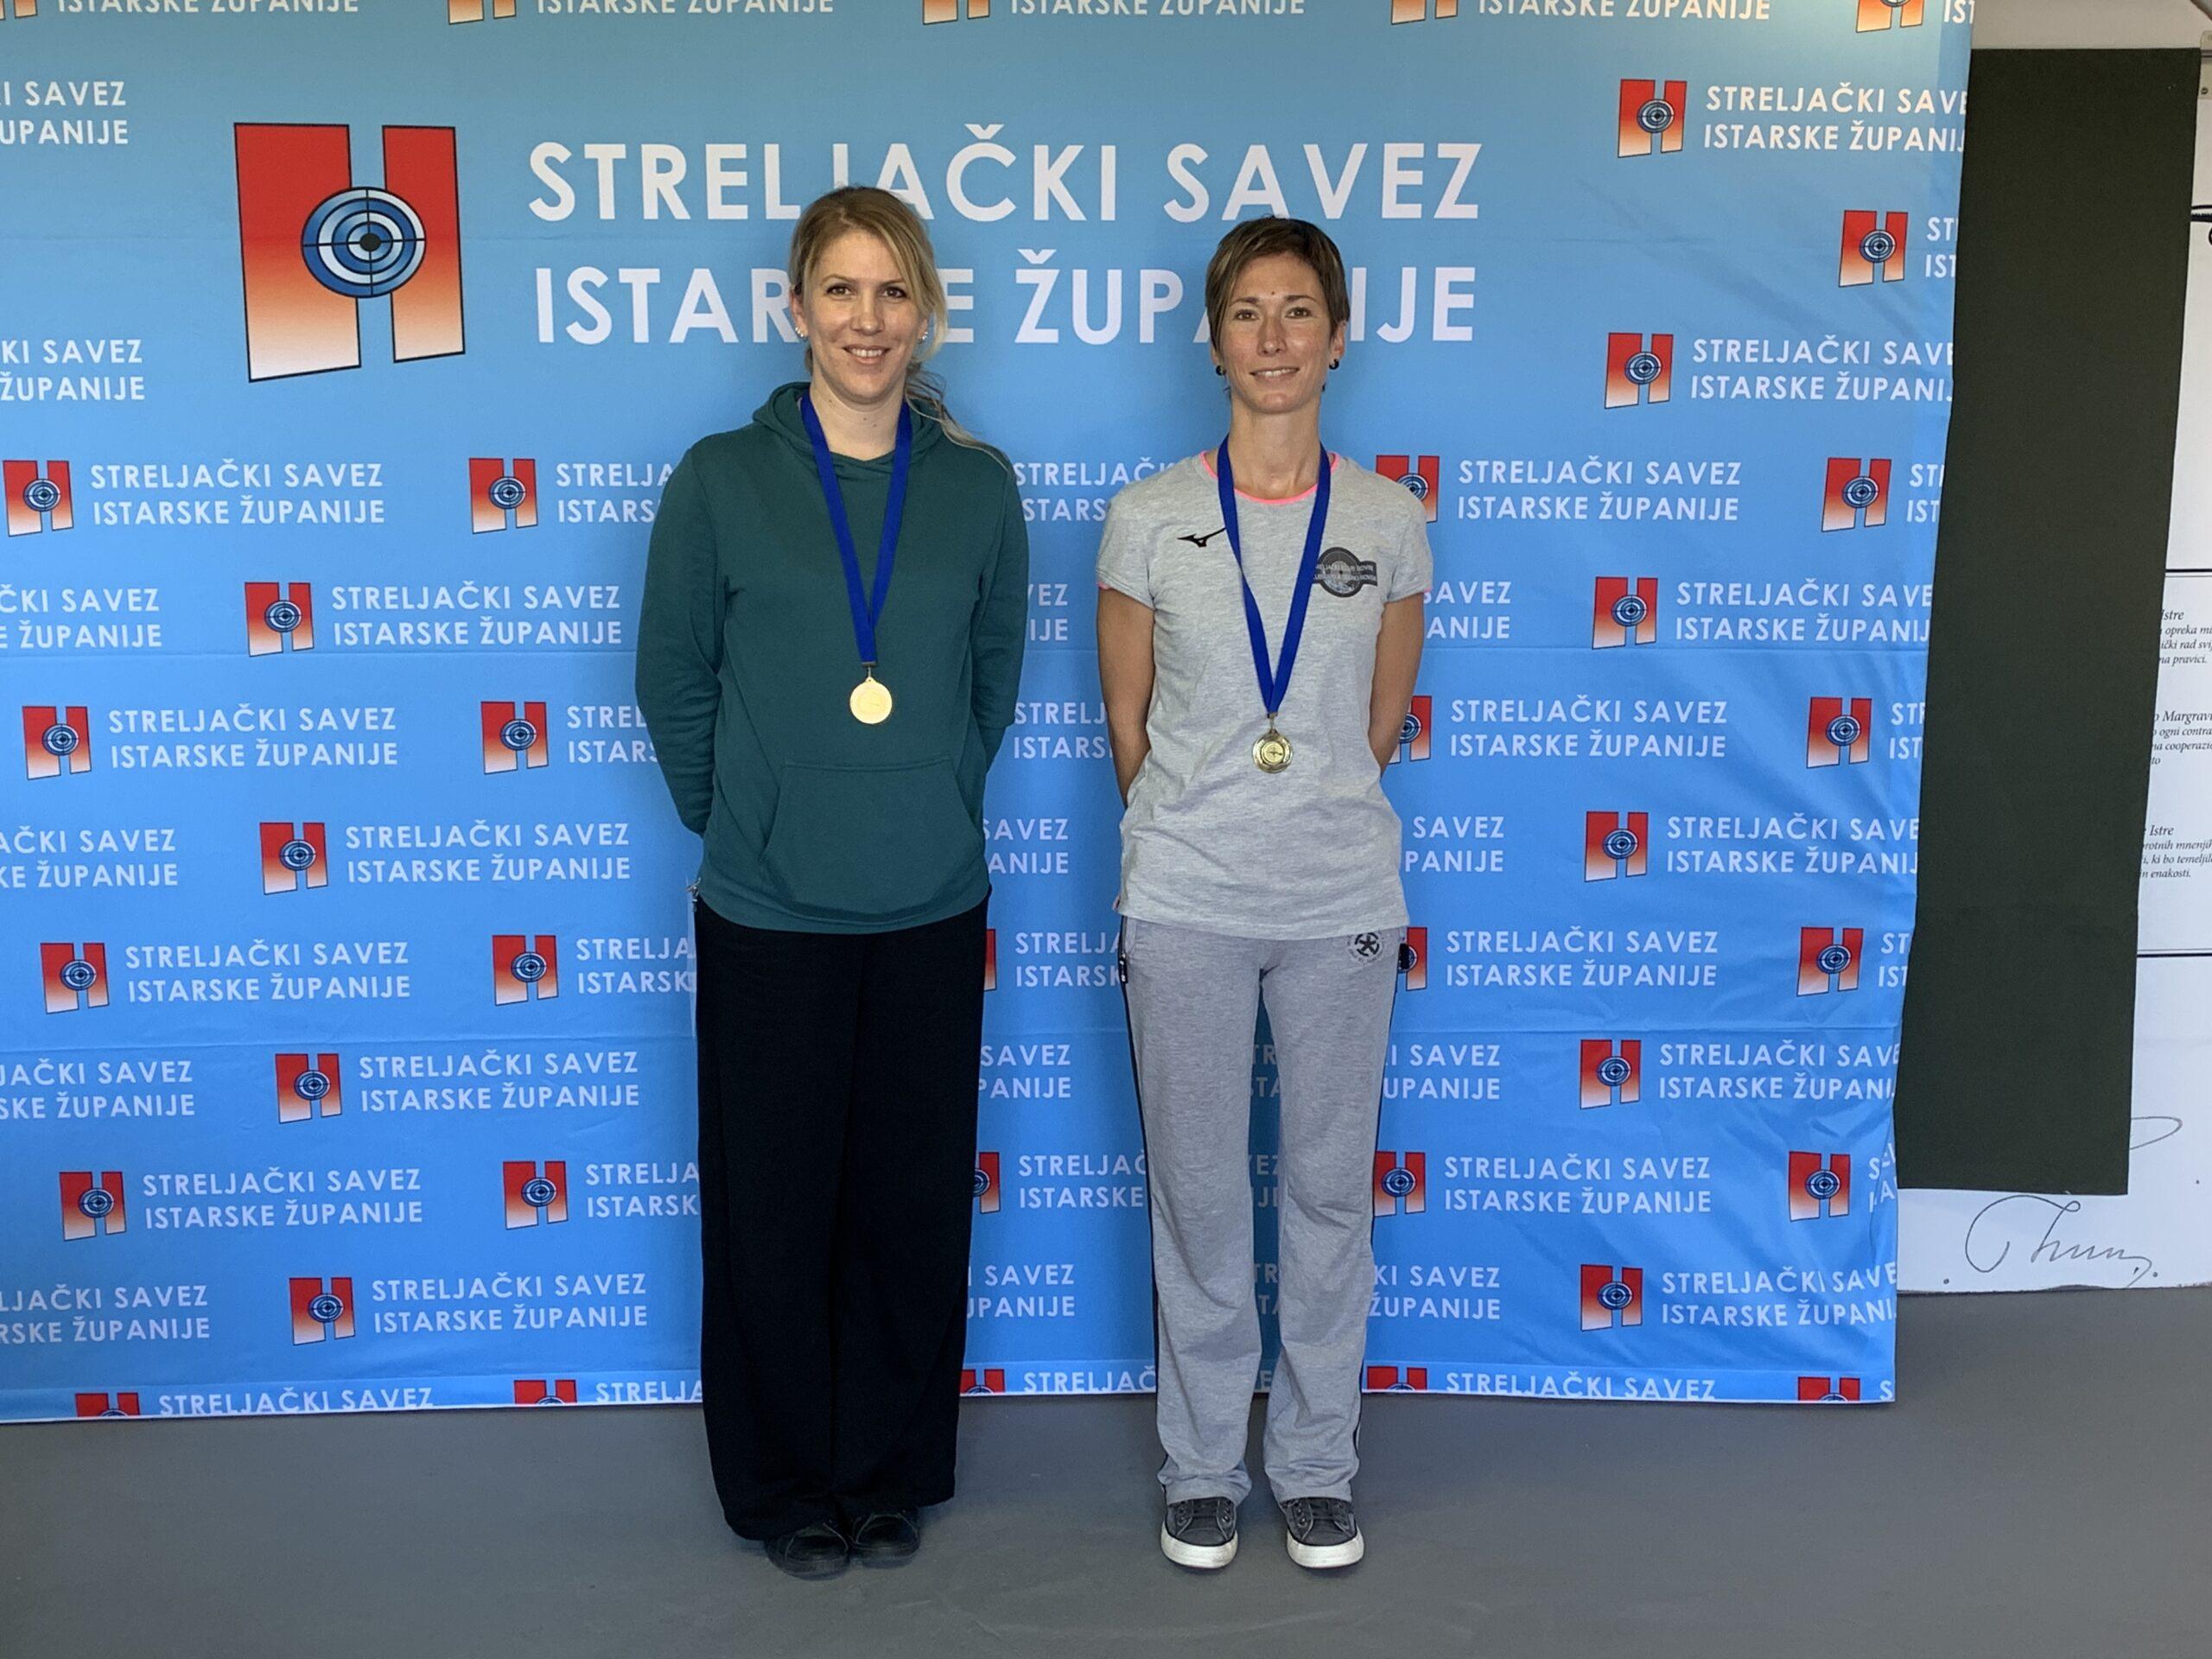 Pročitajte više o članku Na prvenstvu županije Zlatka Hlebec osvojila zlatnu medalju